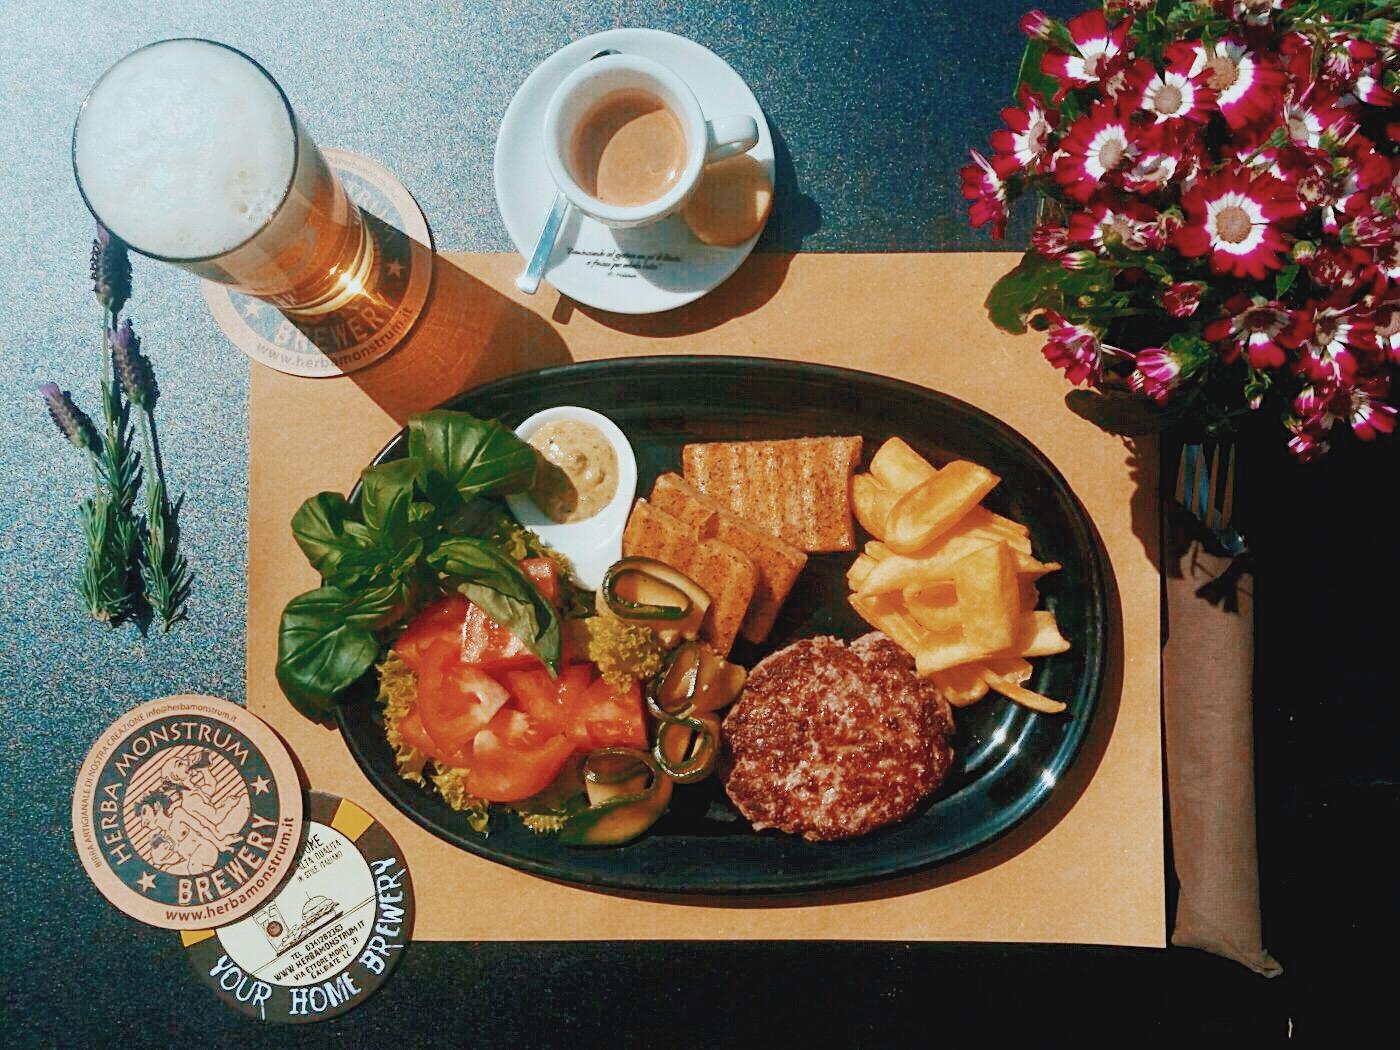 Herba Monstrum Brewery domenica 6 maggio 2018 è APERTO anche a pranzo dalle 12 alle 14:30 via Ettore Monti, 29, 23851 in zona Ponte Azzone Visconti Lecco. Menù 9,50 € Hamburger, patatine, birra artigianale, caffè Malatesta.